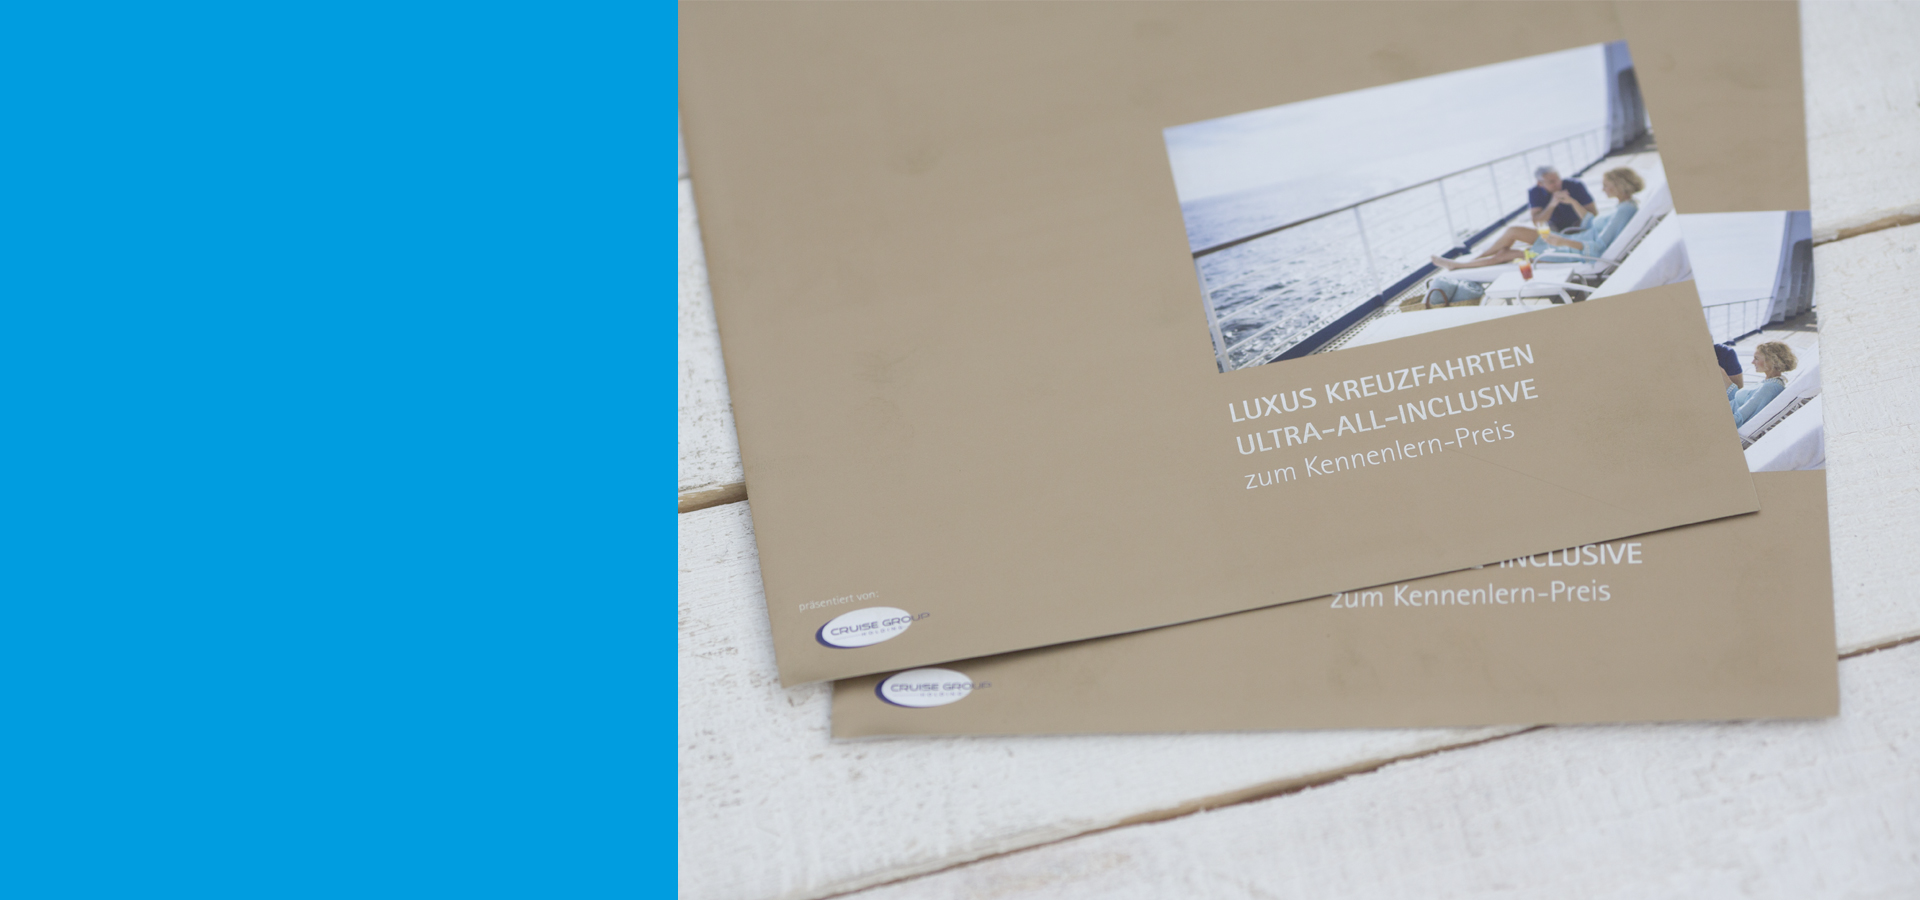 Chiemgau Druck in Traunstein | Offsetdruckerei, hochwertige Printprodukte und edle Weiterverarbeitung.